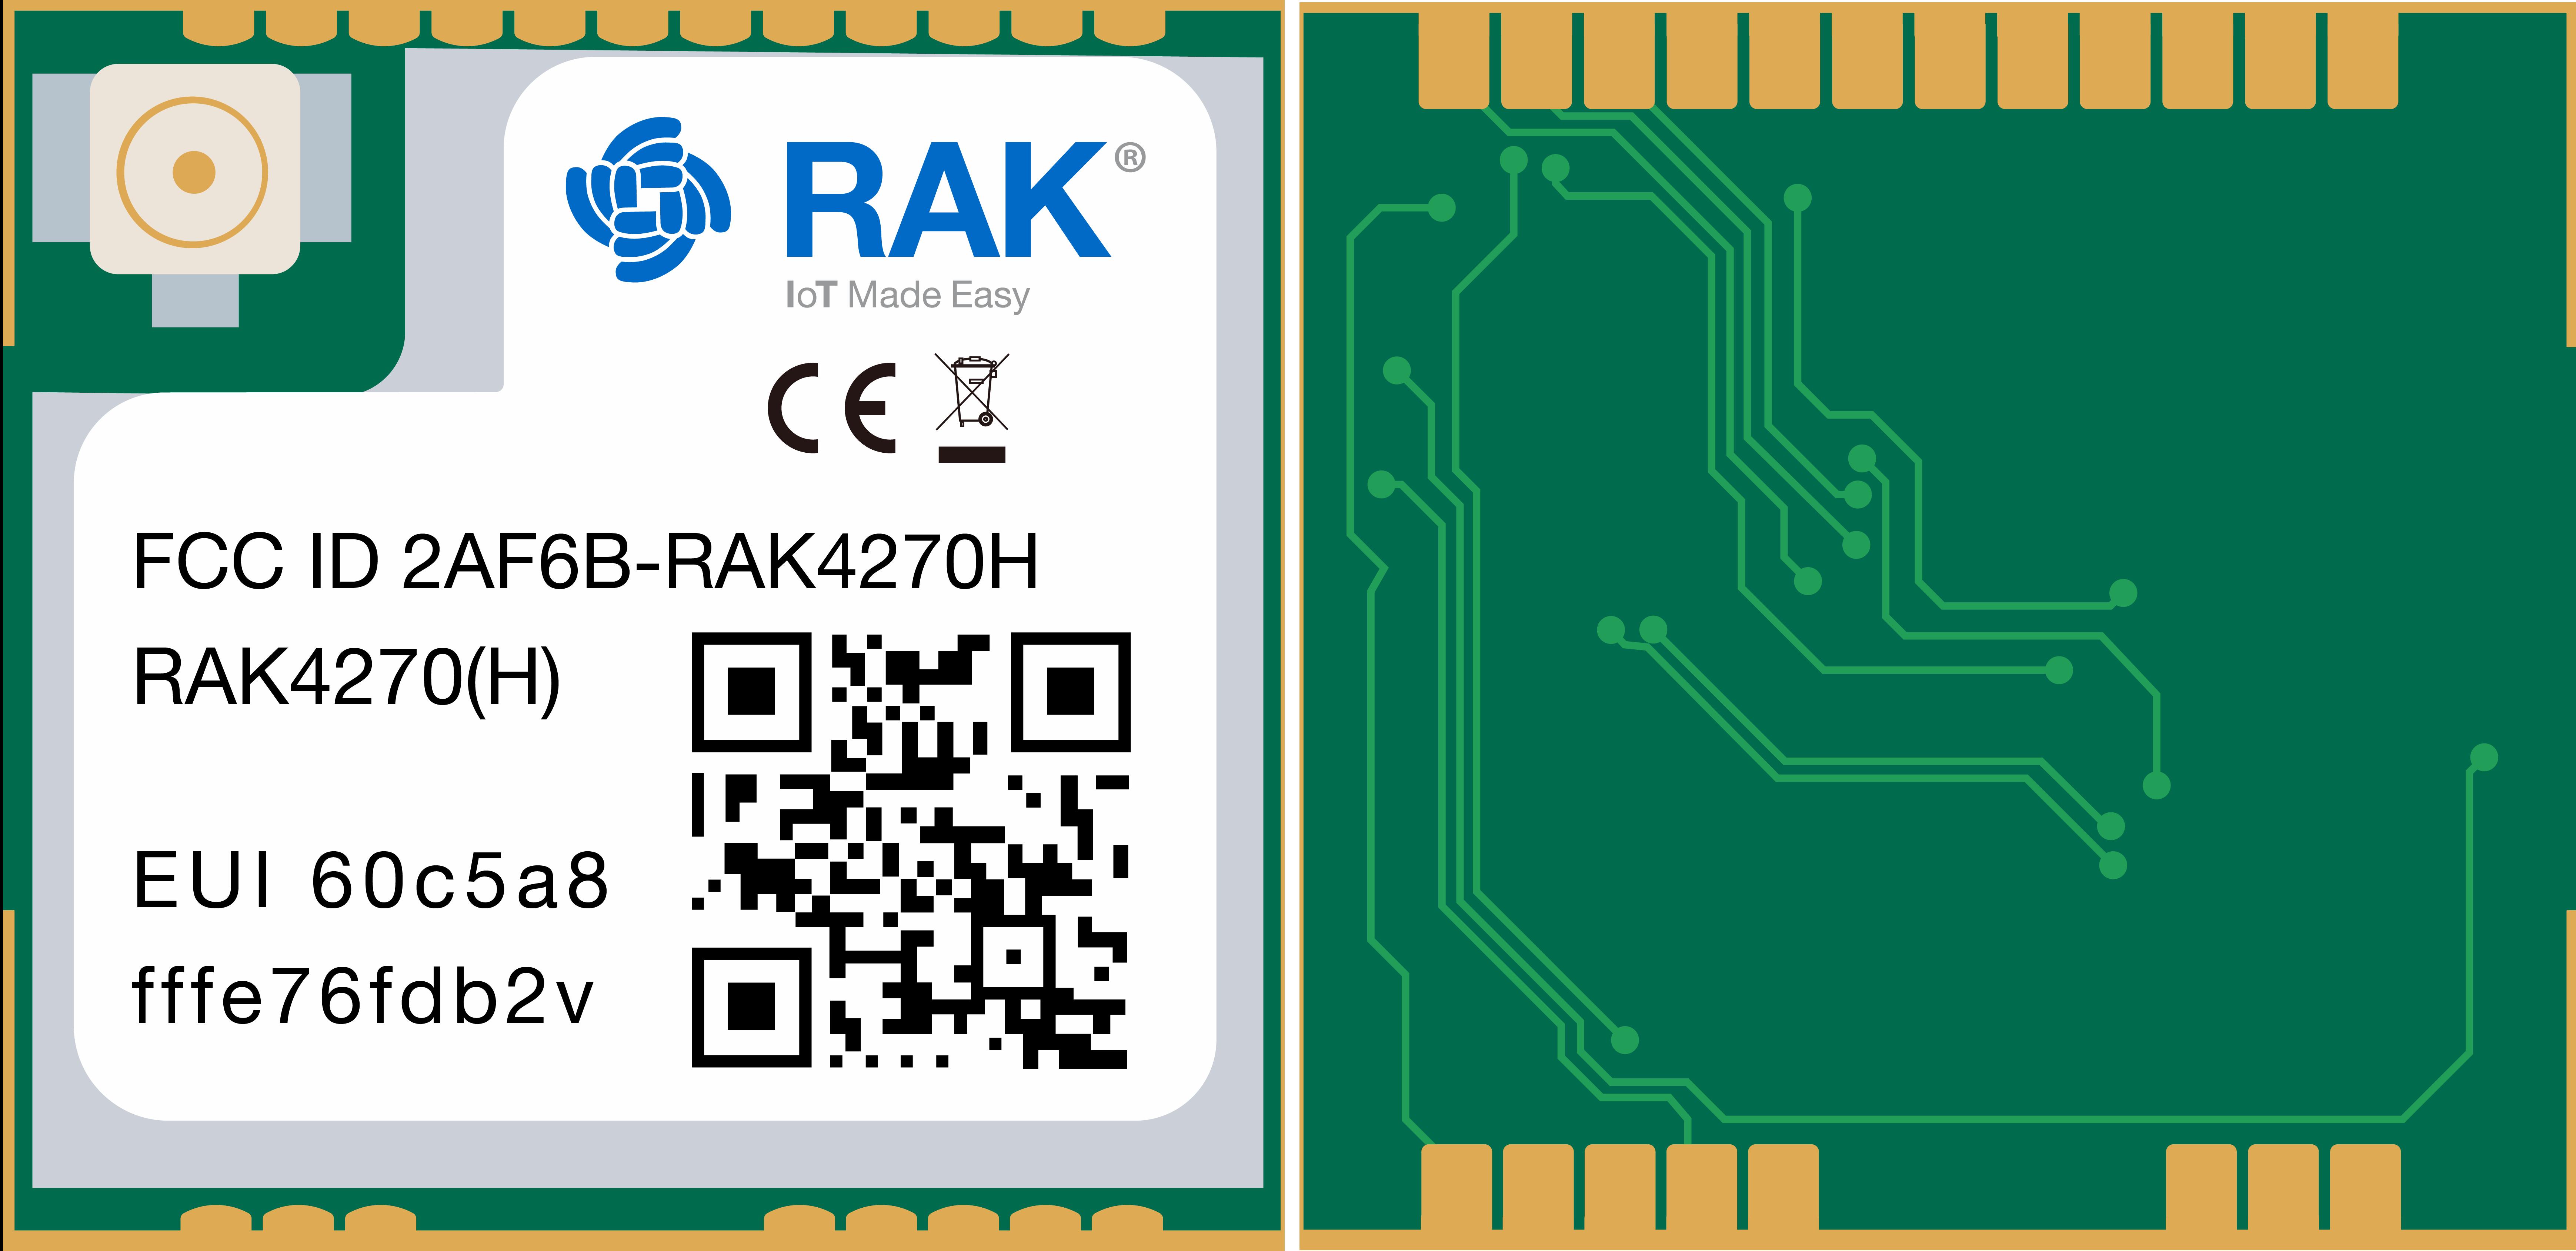 RAK4270 Module